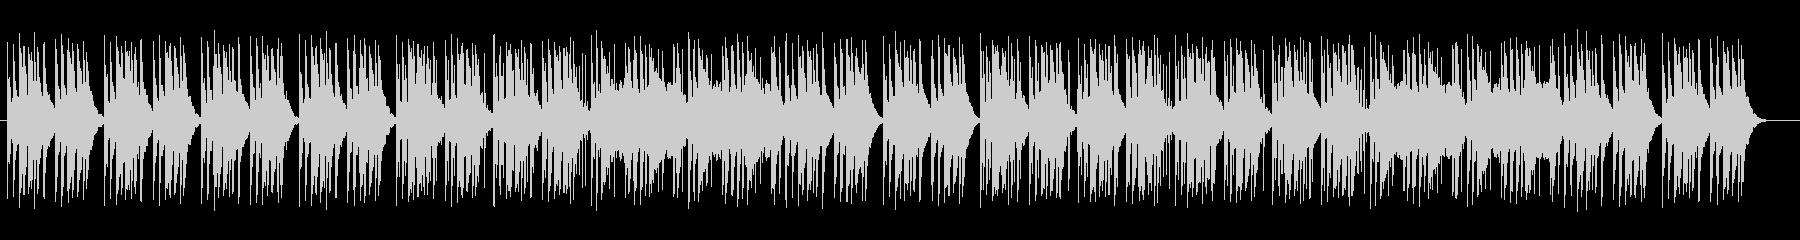 シンセサイザーのアップテンポポップスの未再生の波形